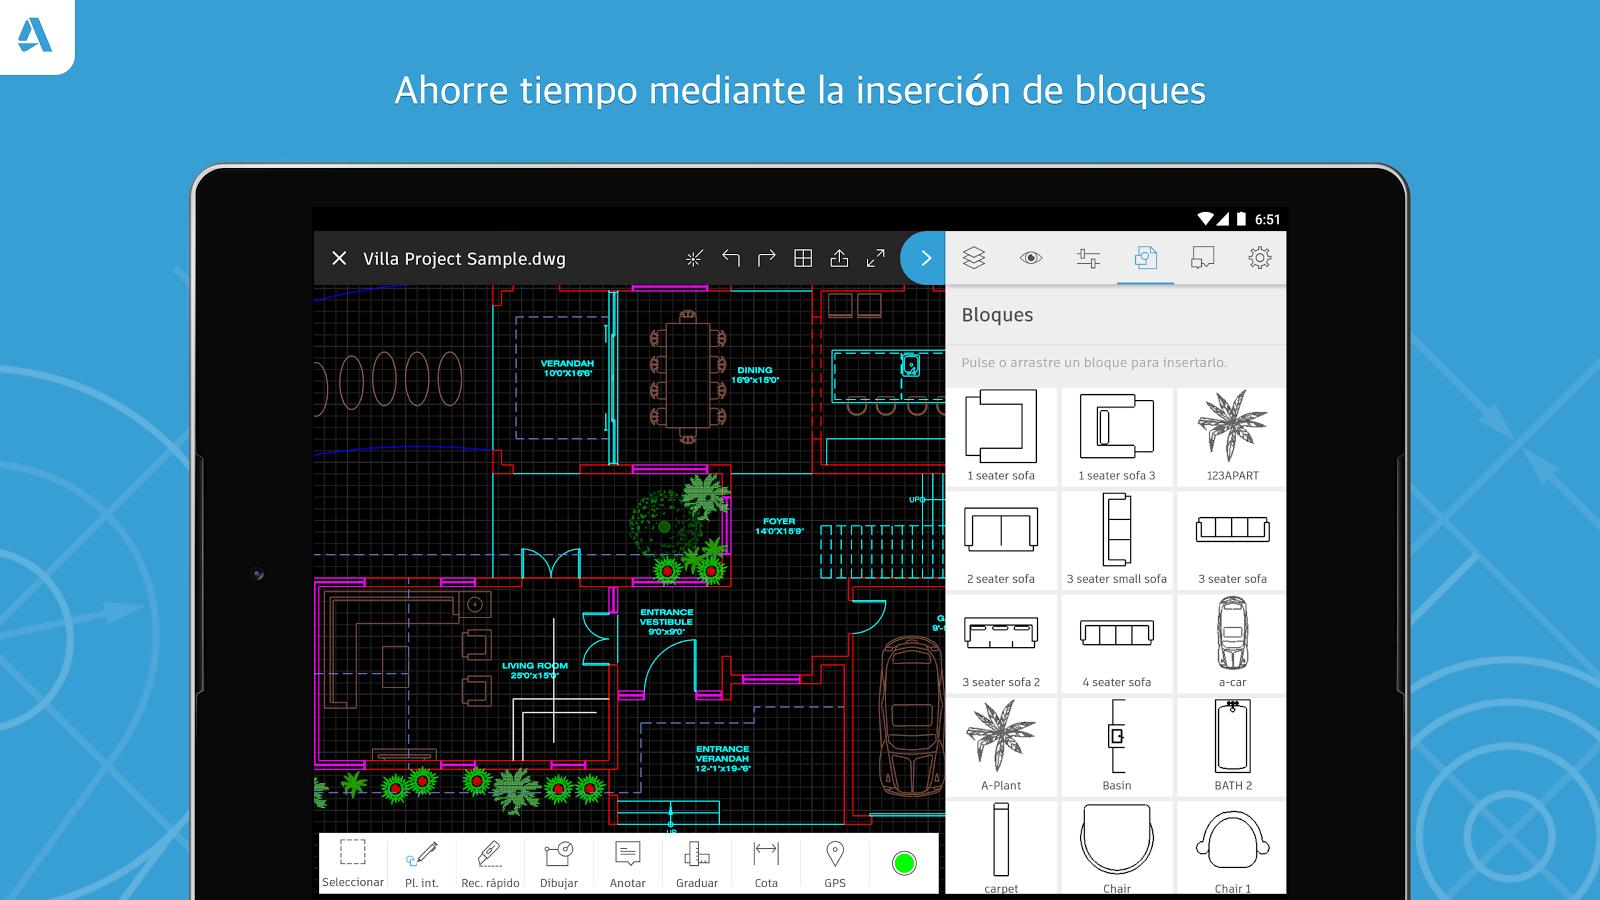 autocad - editor dwg - aplicaciones android en google play